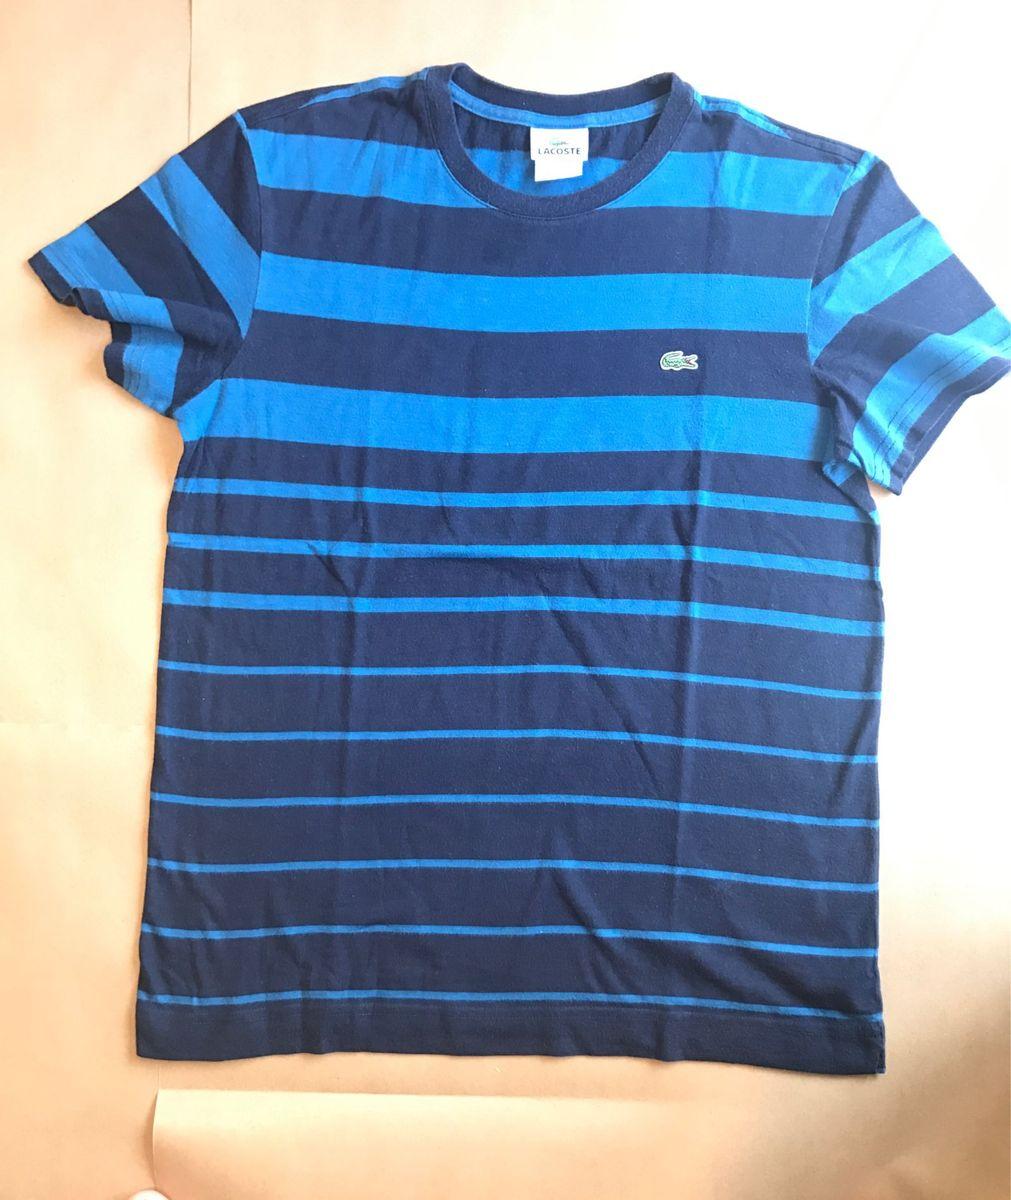 7ff99befd0e camiseta listrada lacoste - camisetas lacoste.  Czm6ly9wag90b3muzw5qb2vplmnvbs5ici9wcm9kdwn0cy83mtywnzgwl2eyoge4zwezywiyntywmtm4nzdhody2yty1mdzmytrllmpwzw  ...